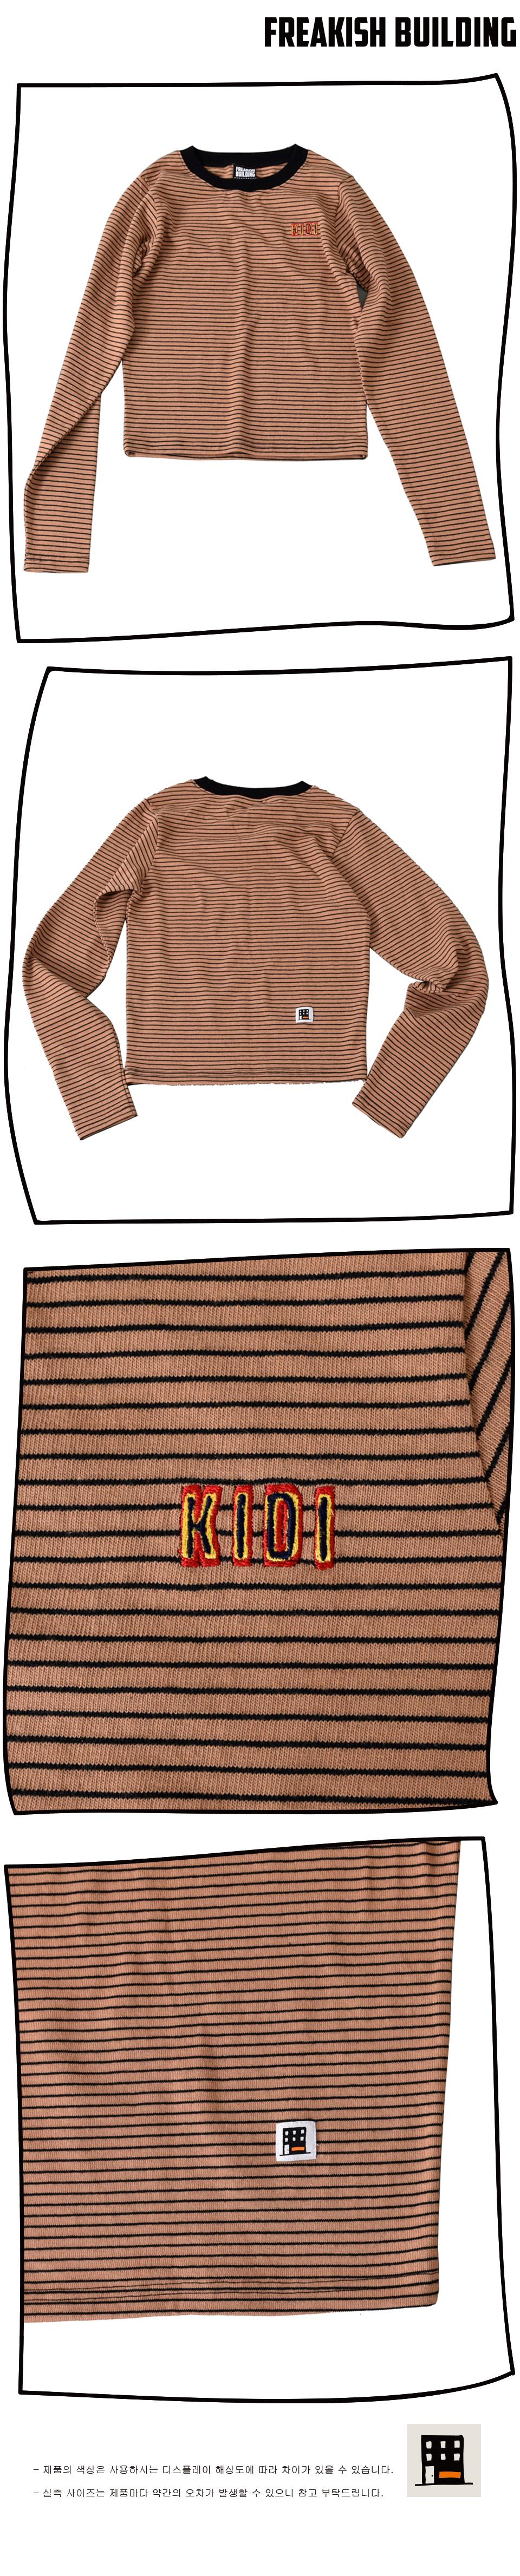 #09 KIDI LONG SLEEVE T-SHIRTS (BEIGE) 03.jpg